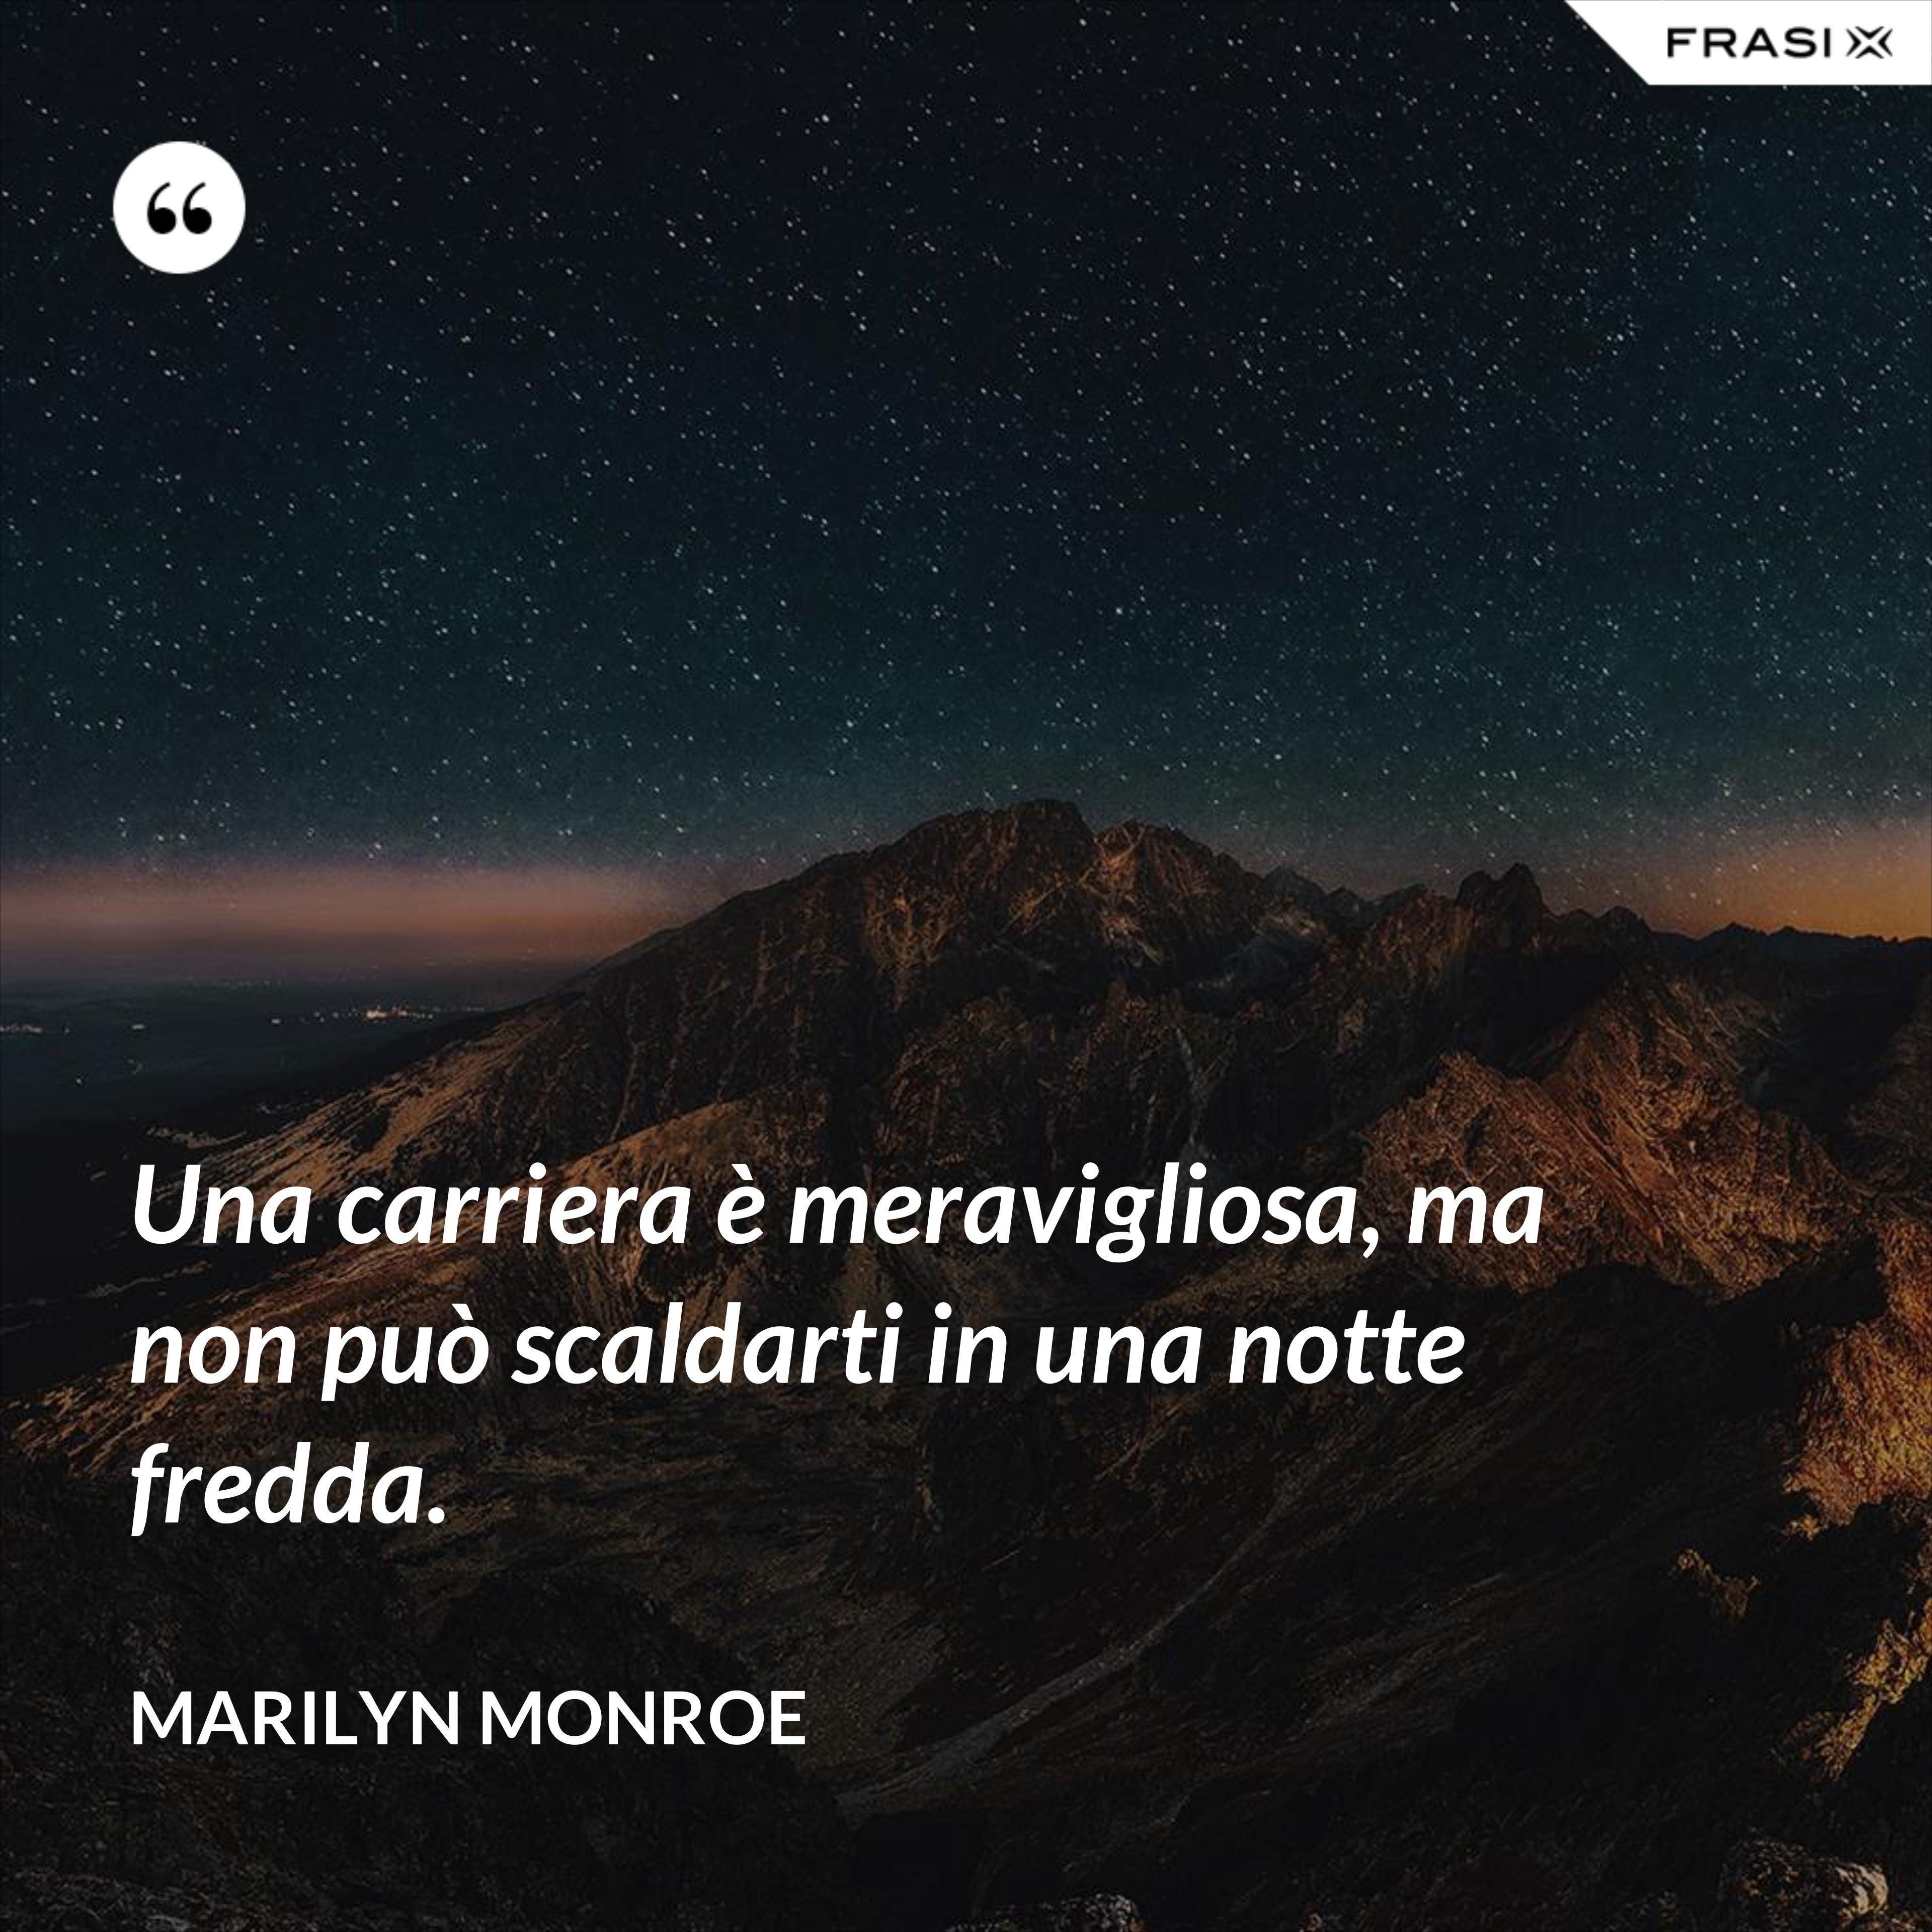 Una carriera è meravigliosa, ma non può scaldarti in una notte fredda. - Marilyn Monroe